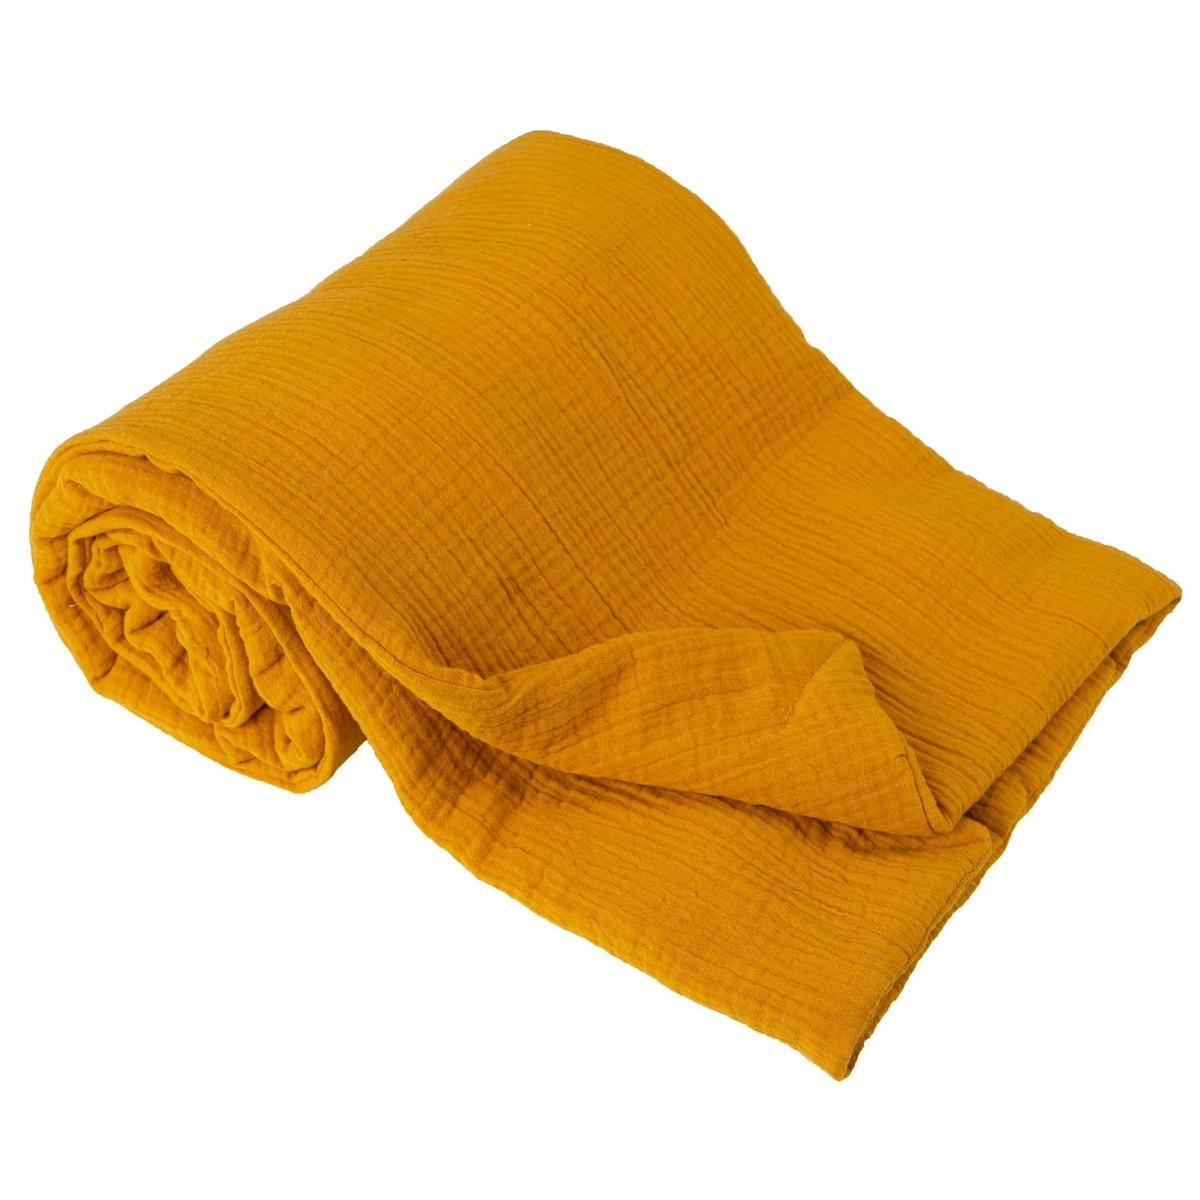 Babymatex Detská deka žltá, 75 x 100 cm